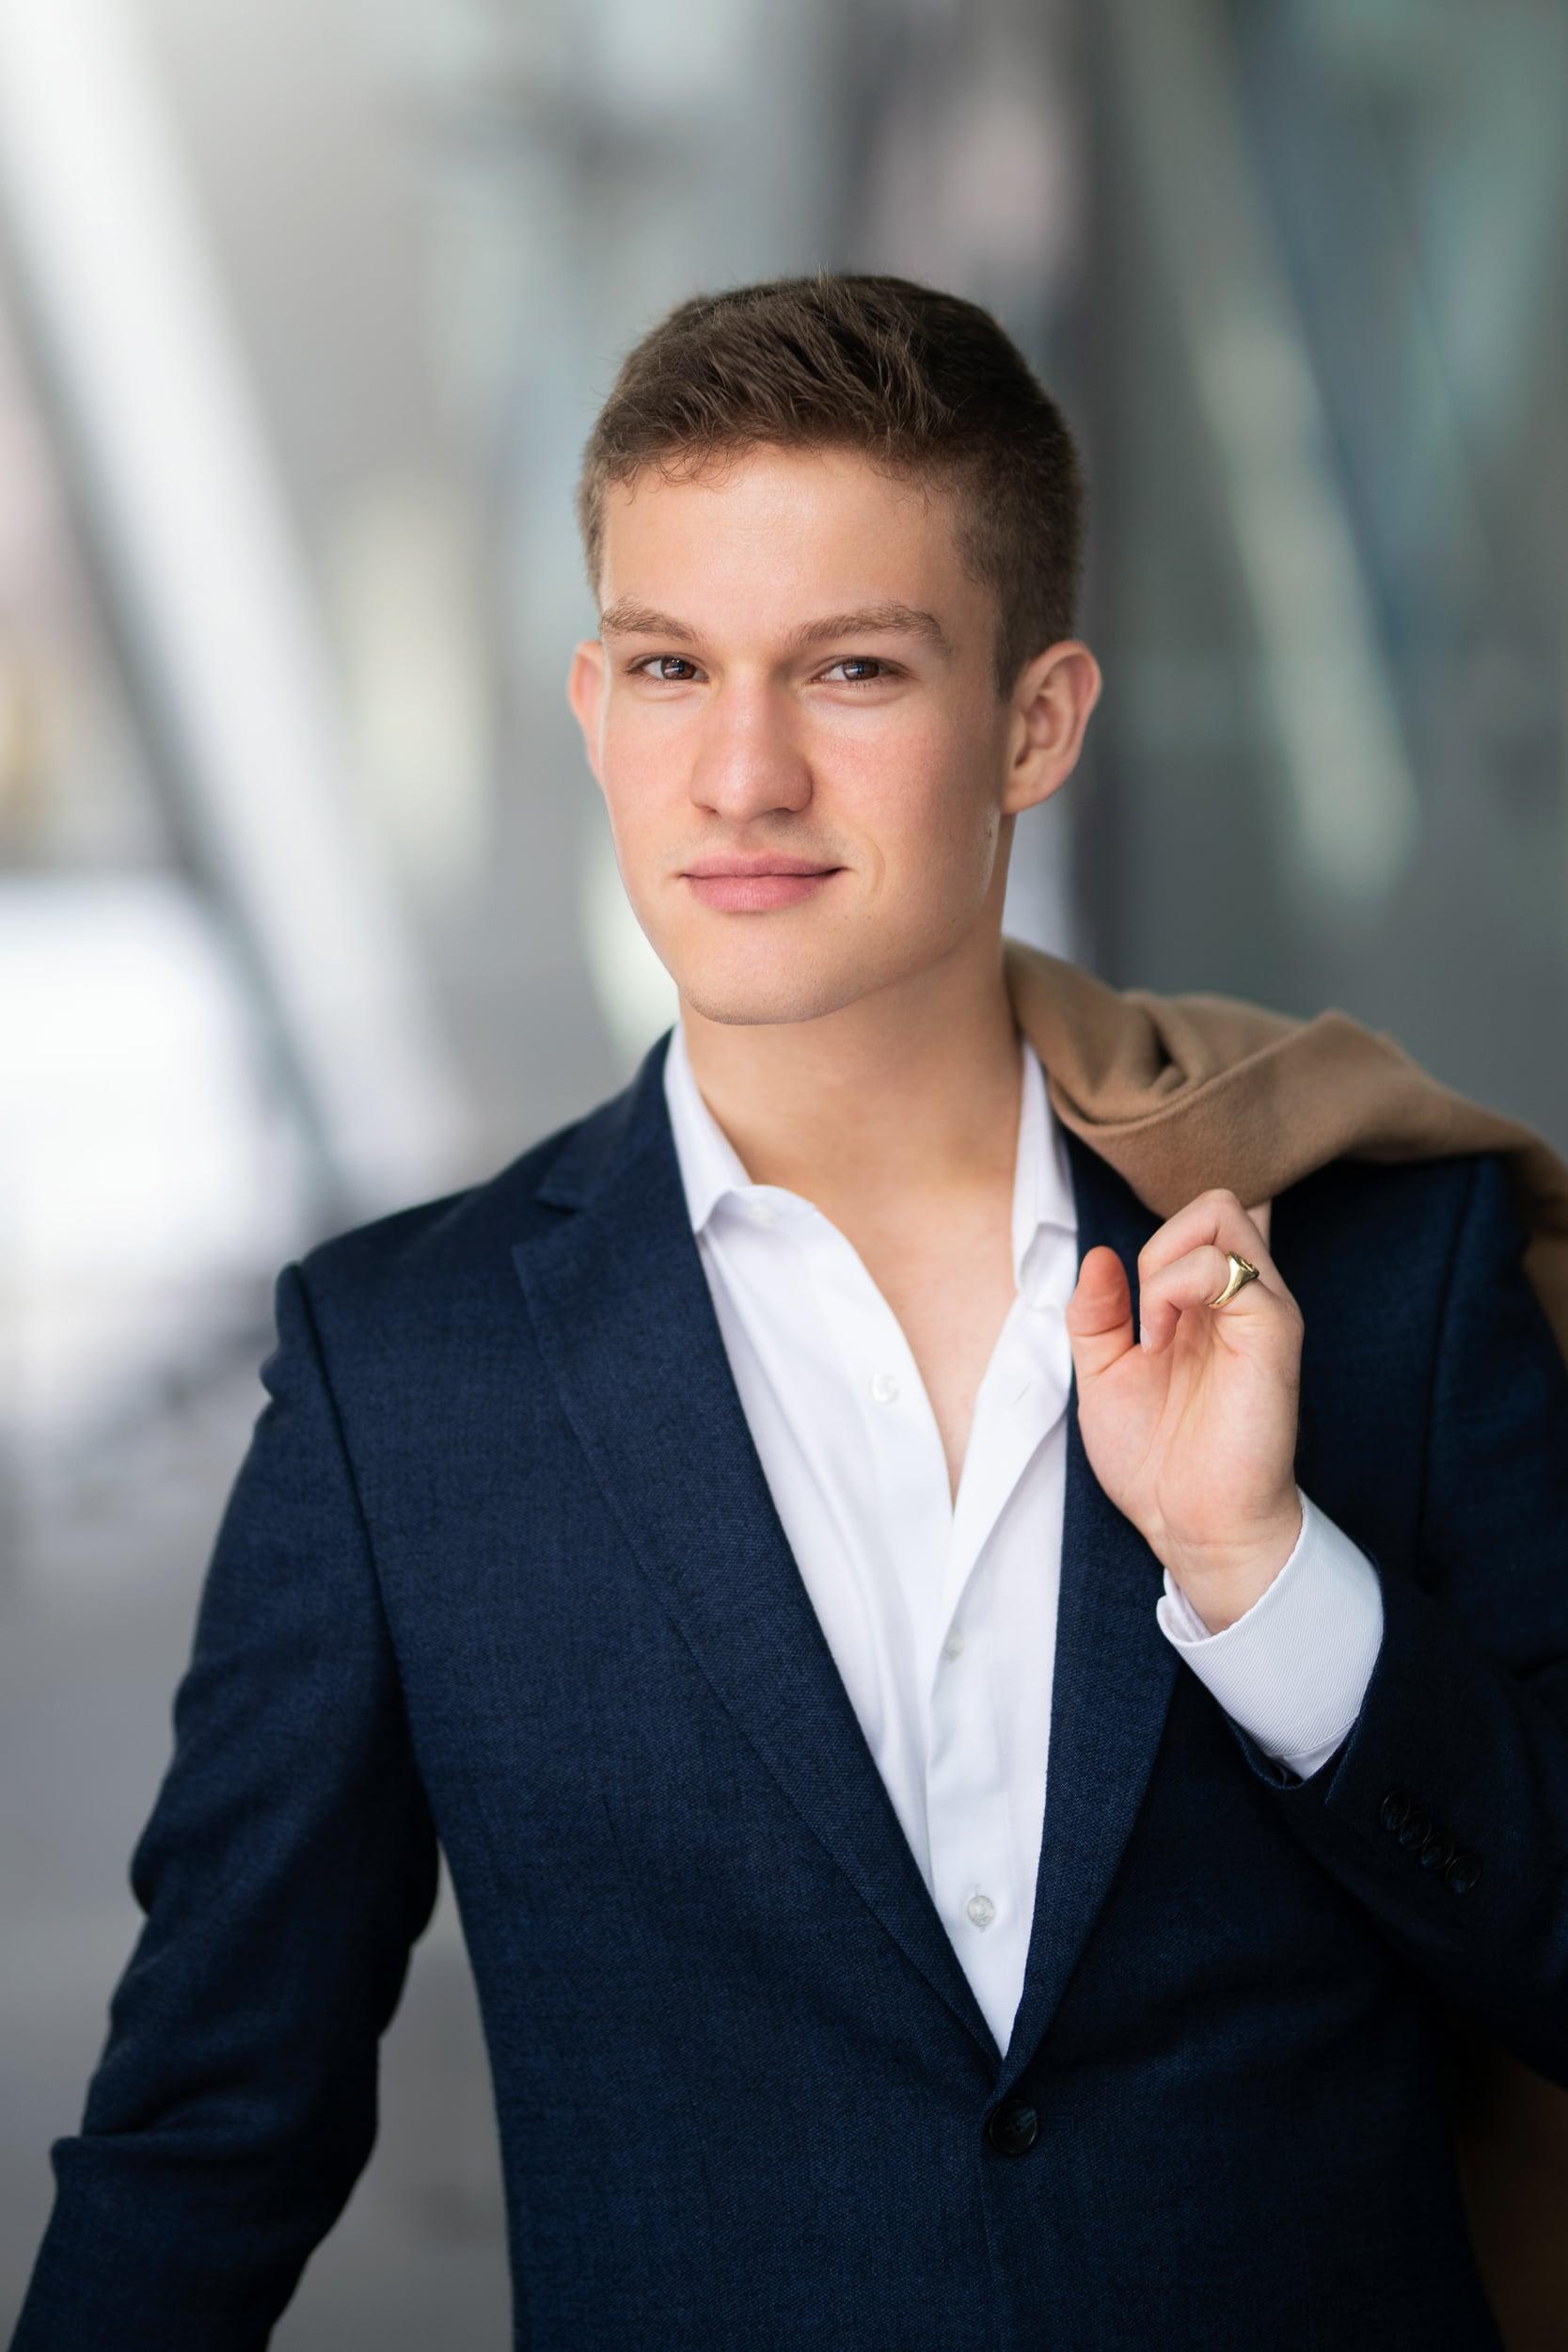 Businessportrait eines jungen Unternehmers |Businessfotograf in der Region Osnabrück Münster Bielefeld für Porträt People und Unternehmensfotografie